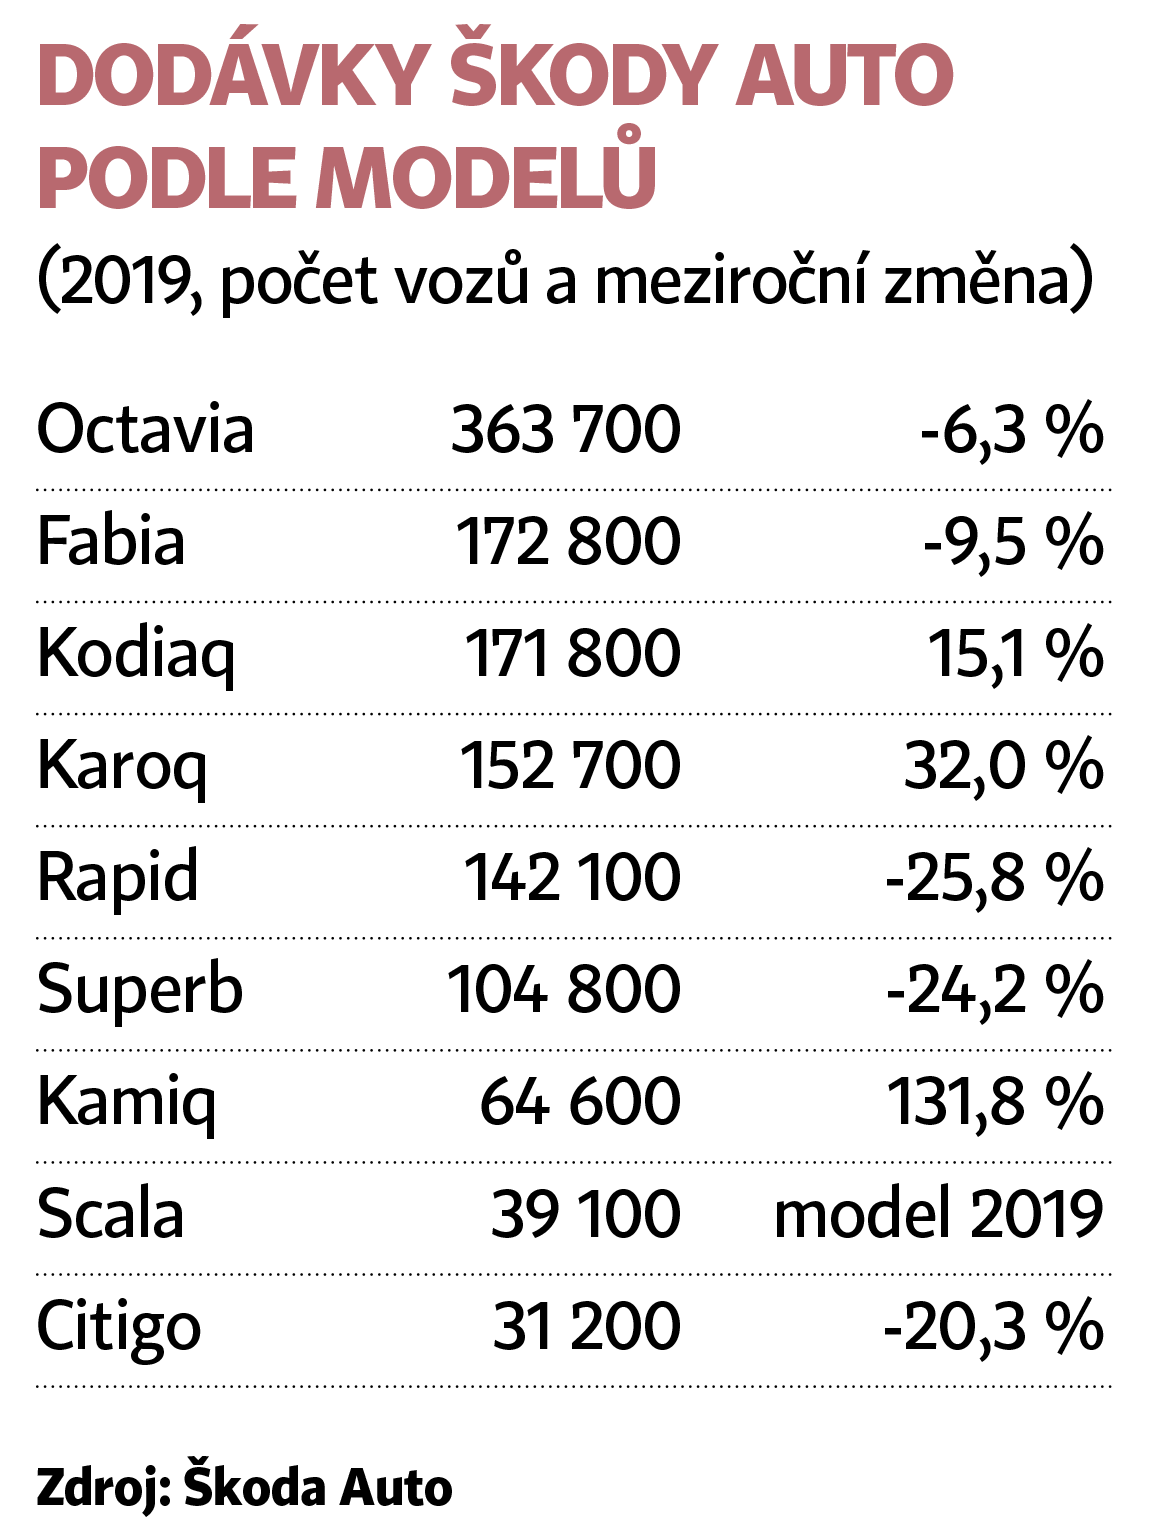 Dodávky Škody Auto podle modelů